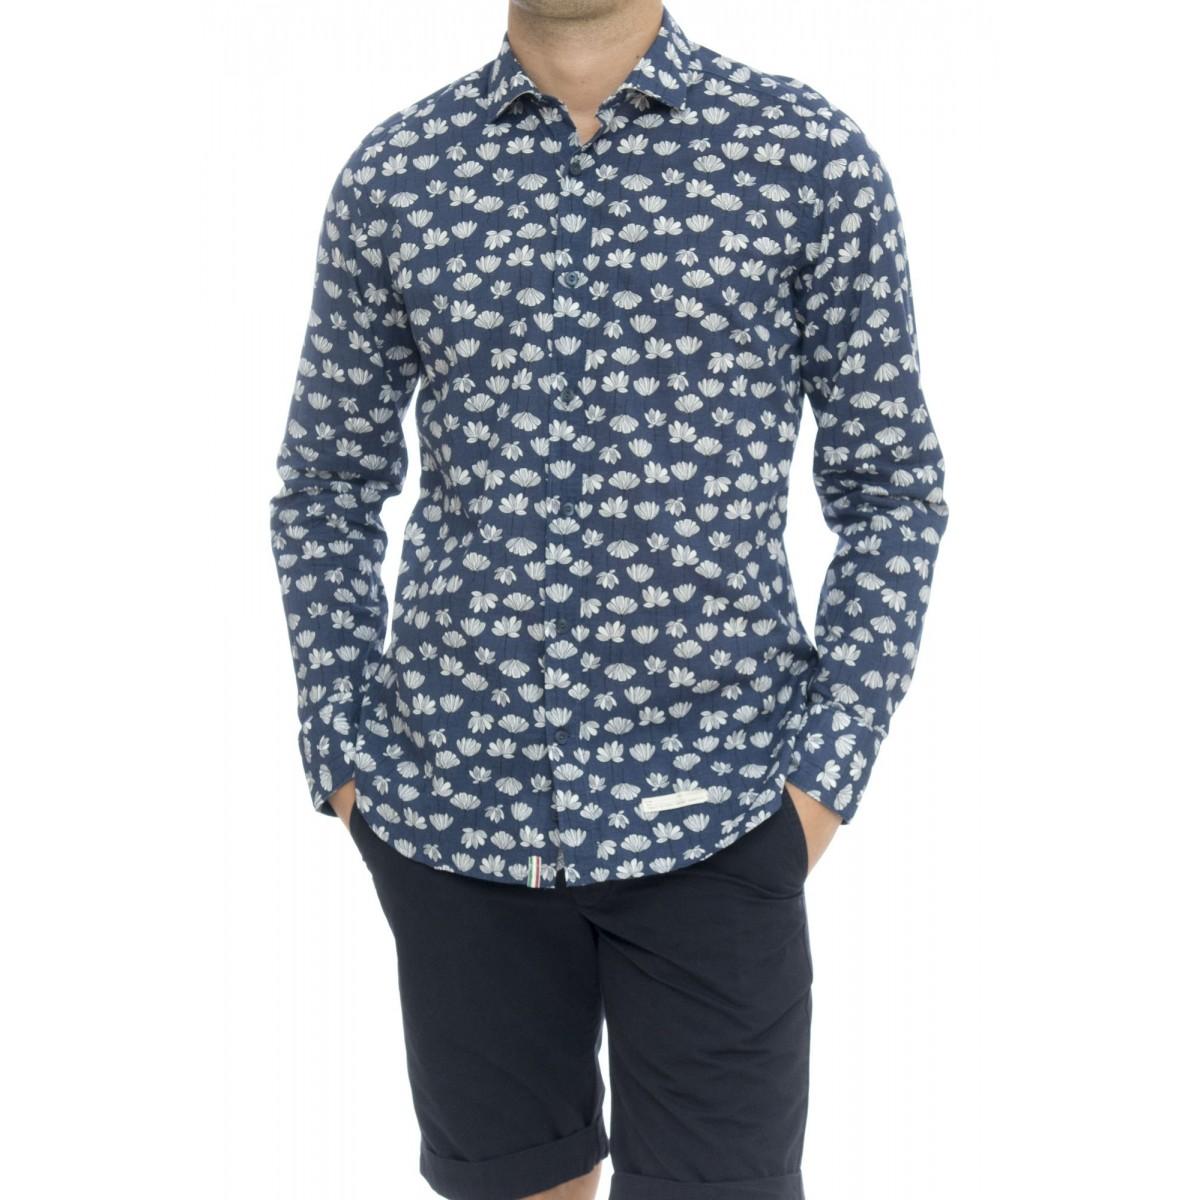 Camicia - Txh nyb camicia stampa